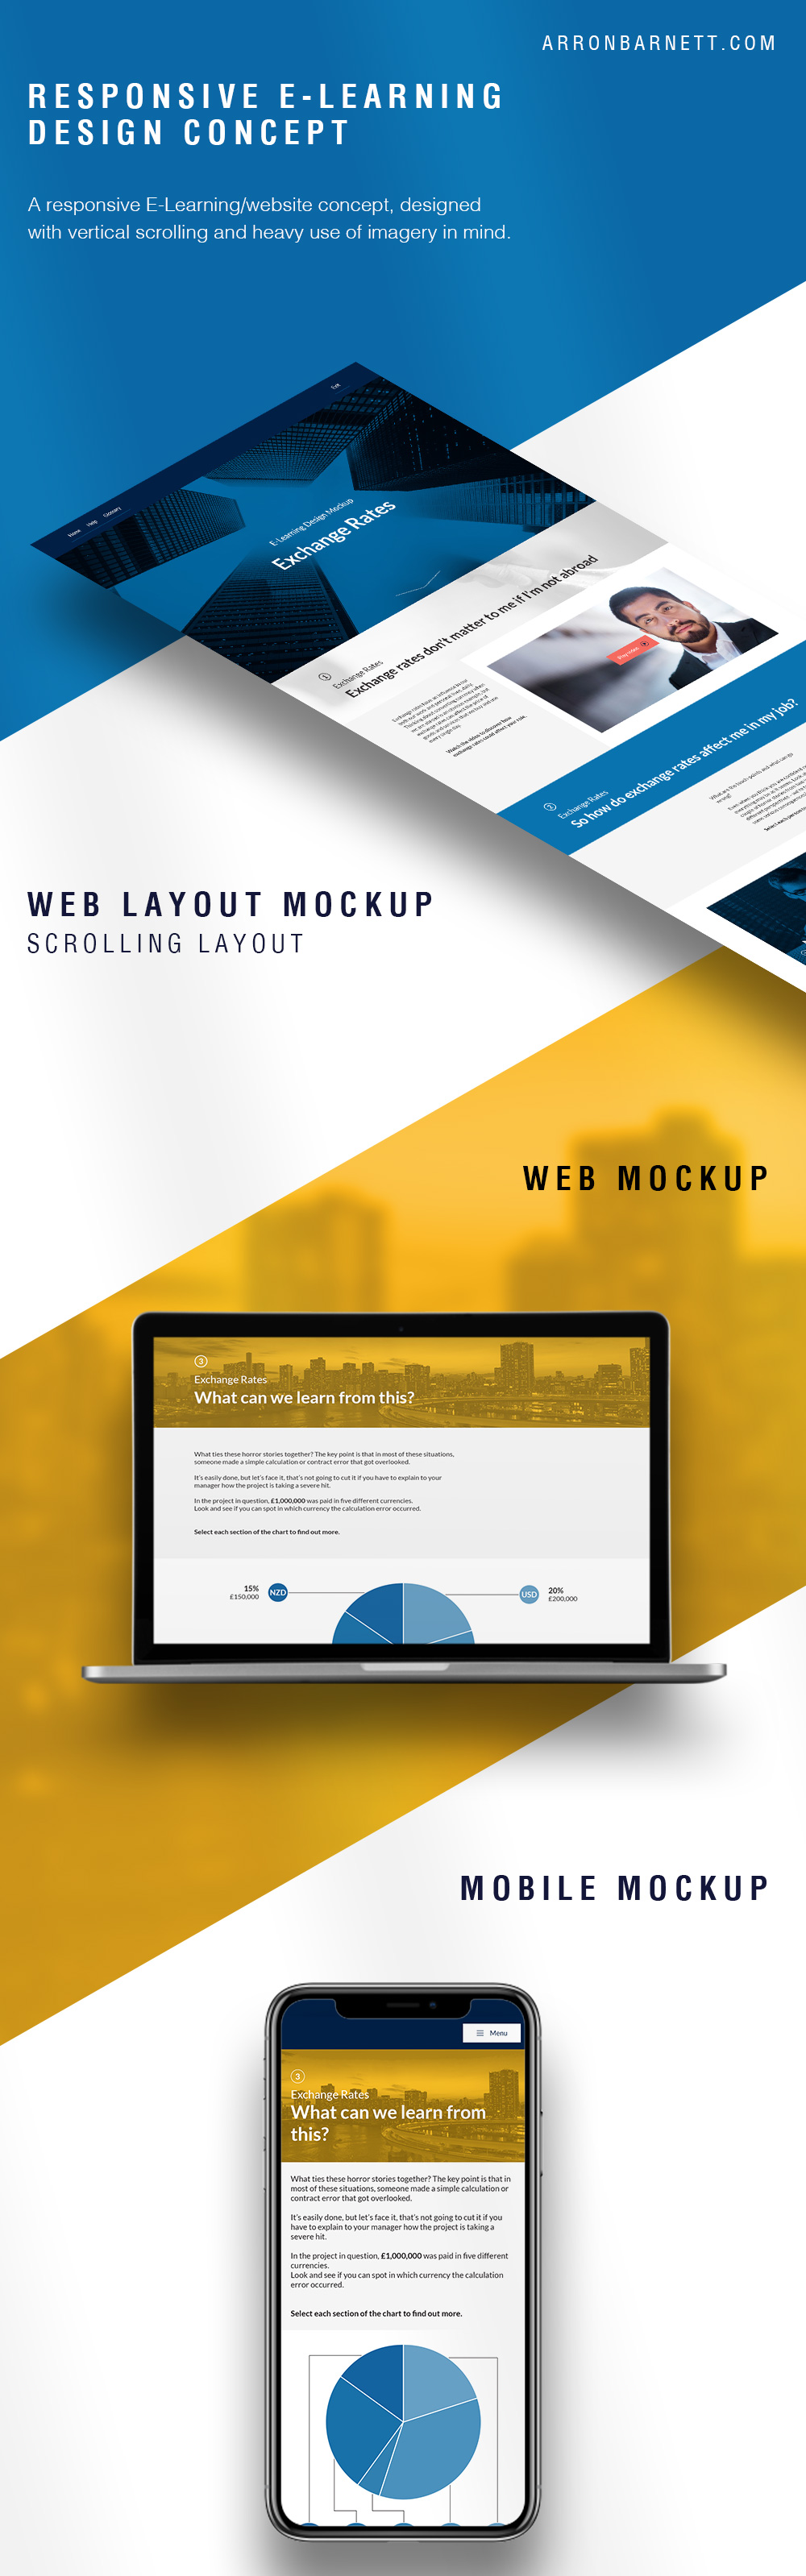 Responsive E-Learning Design Mockup